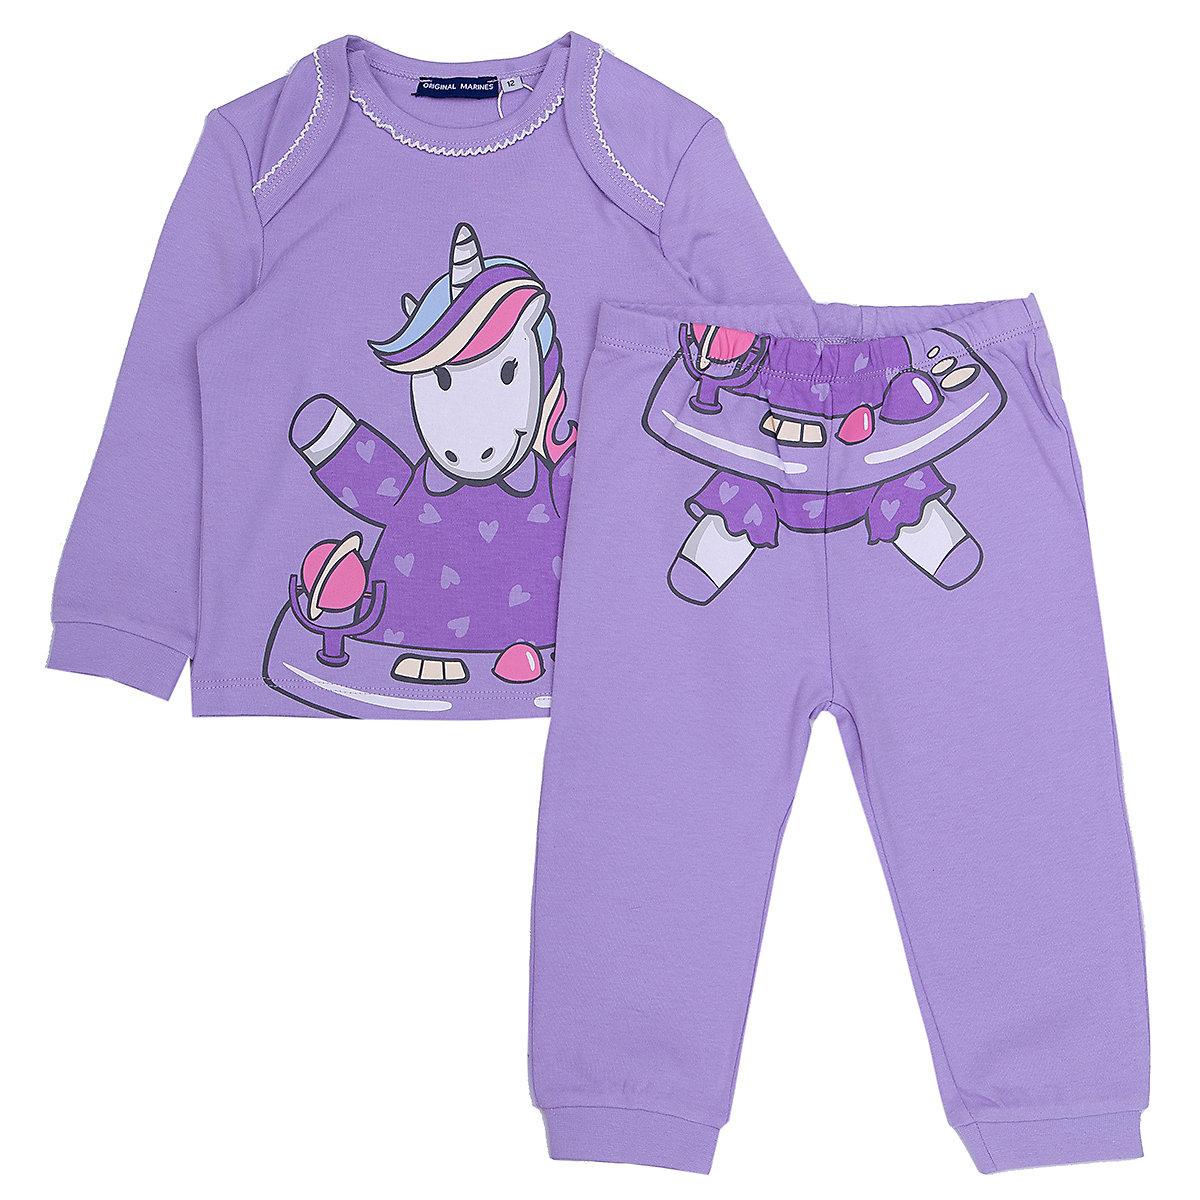 ORIGINAL MARINES Sleepwear & Robes 9501075 Cotton Baby Girls Clothing Pajamas MTpromo